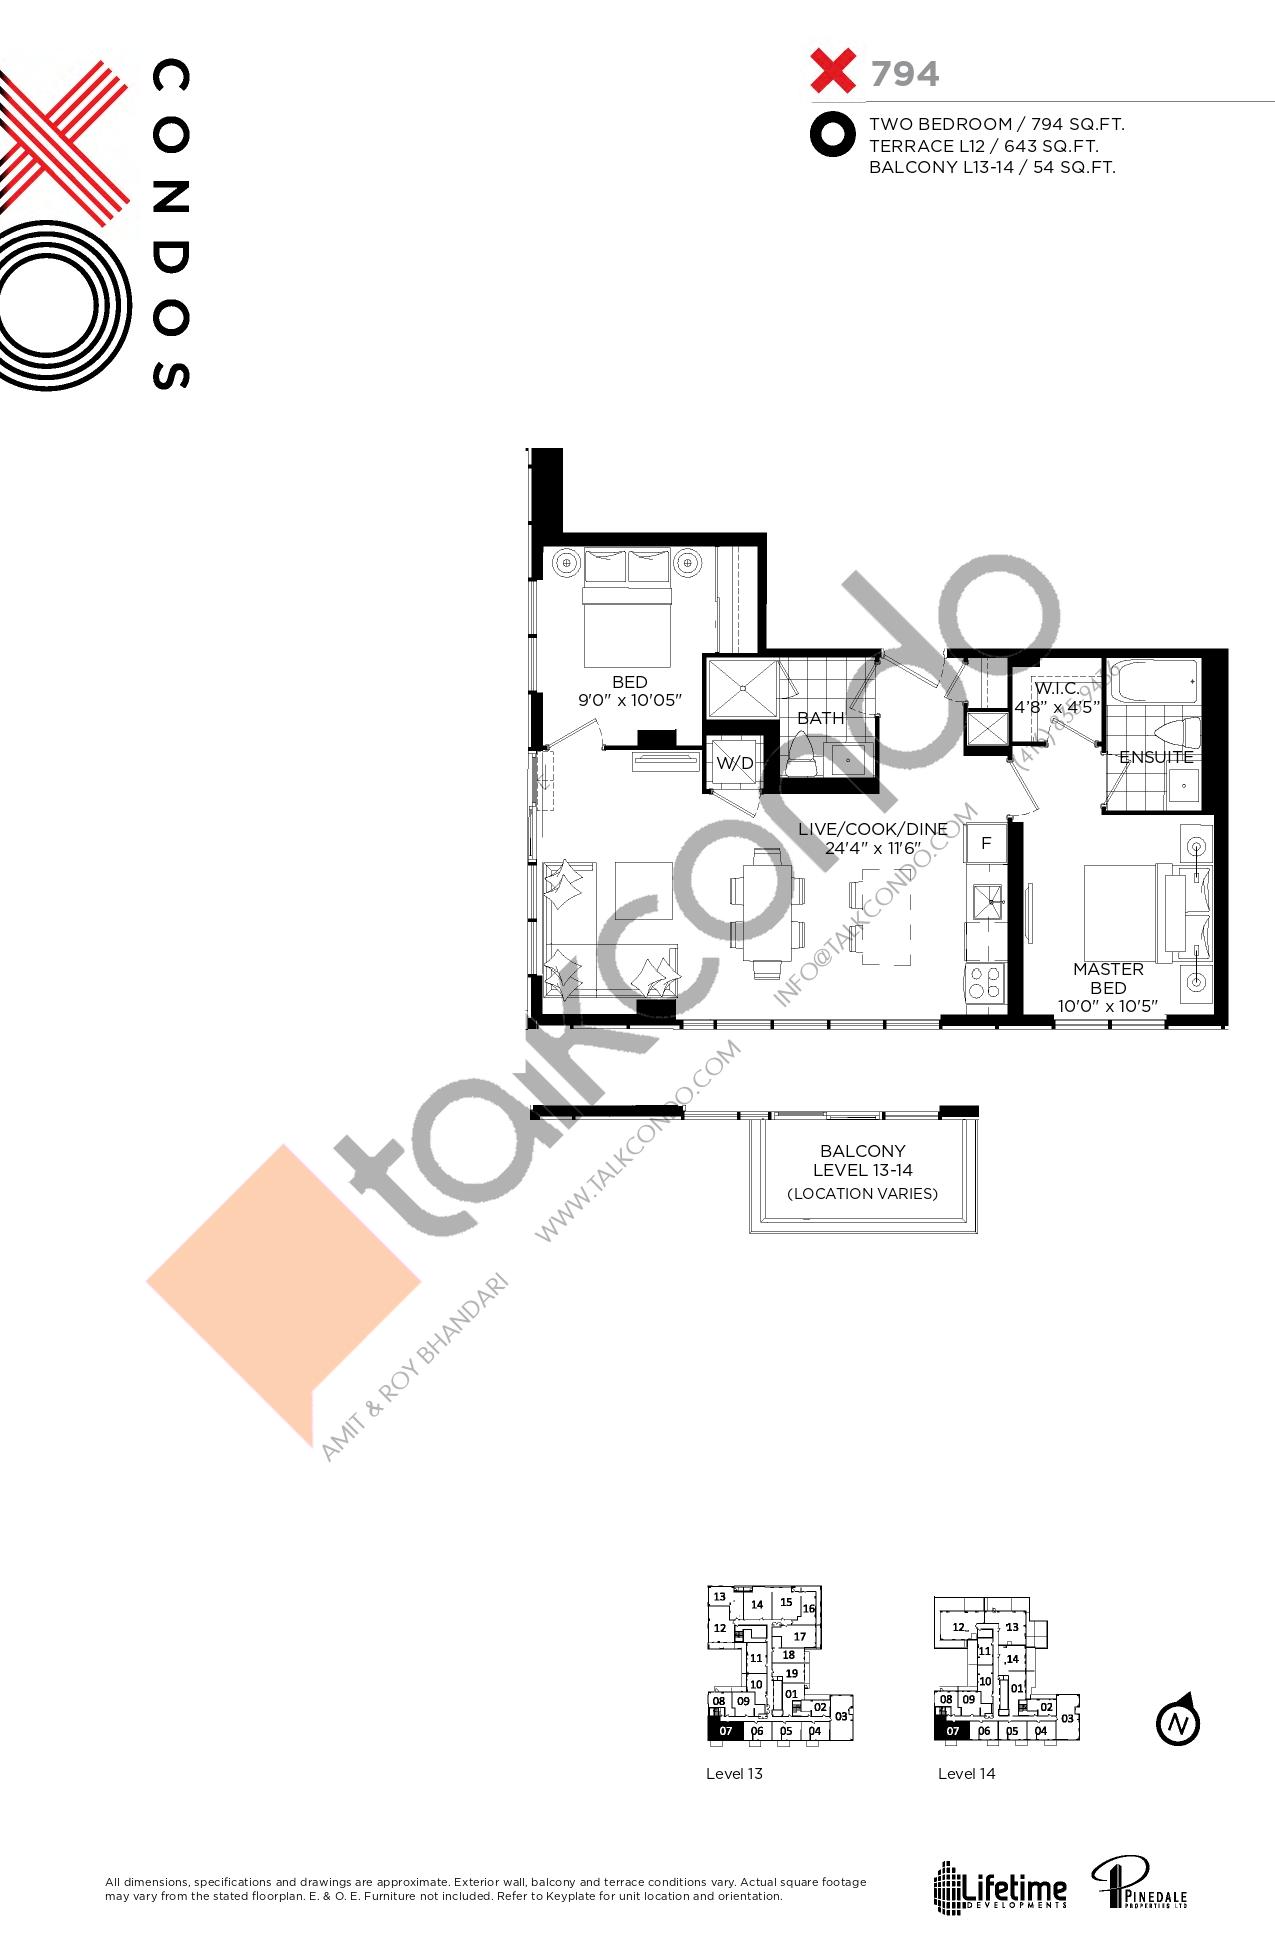 X794 Floor Plan at XO Condos - 794 sq.ft